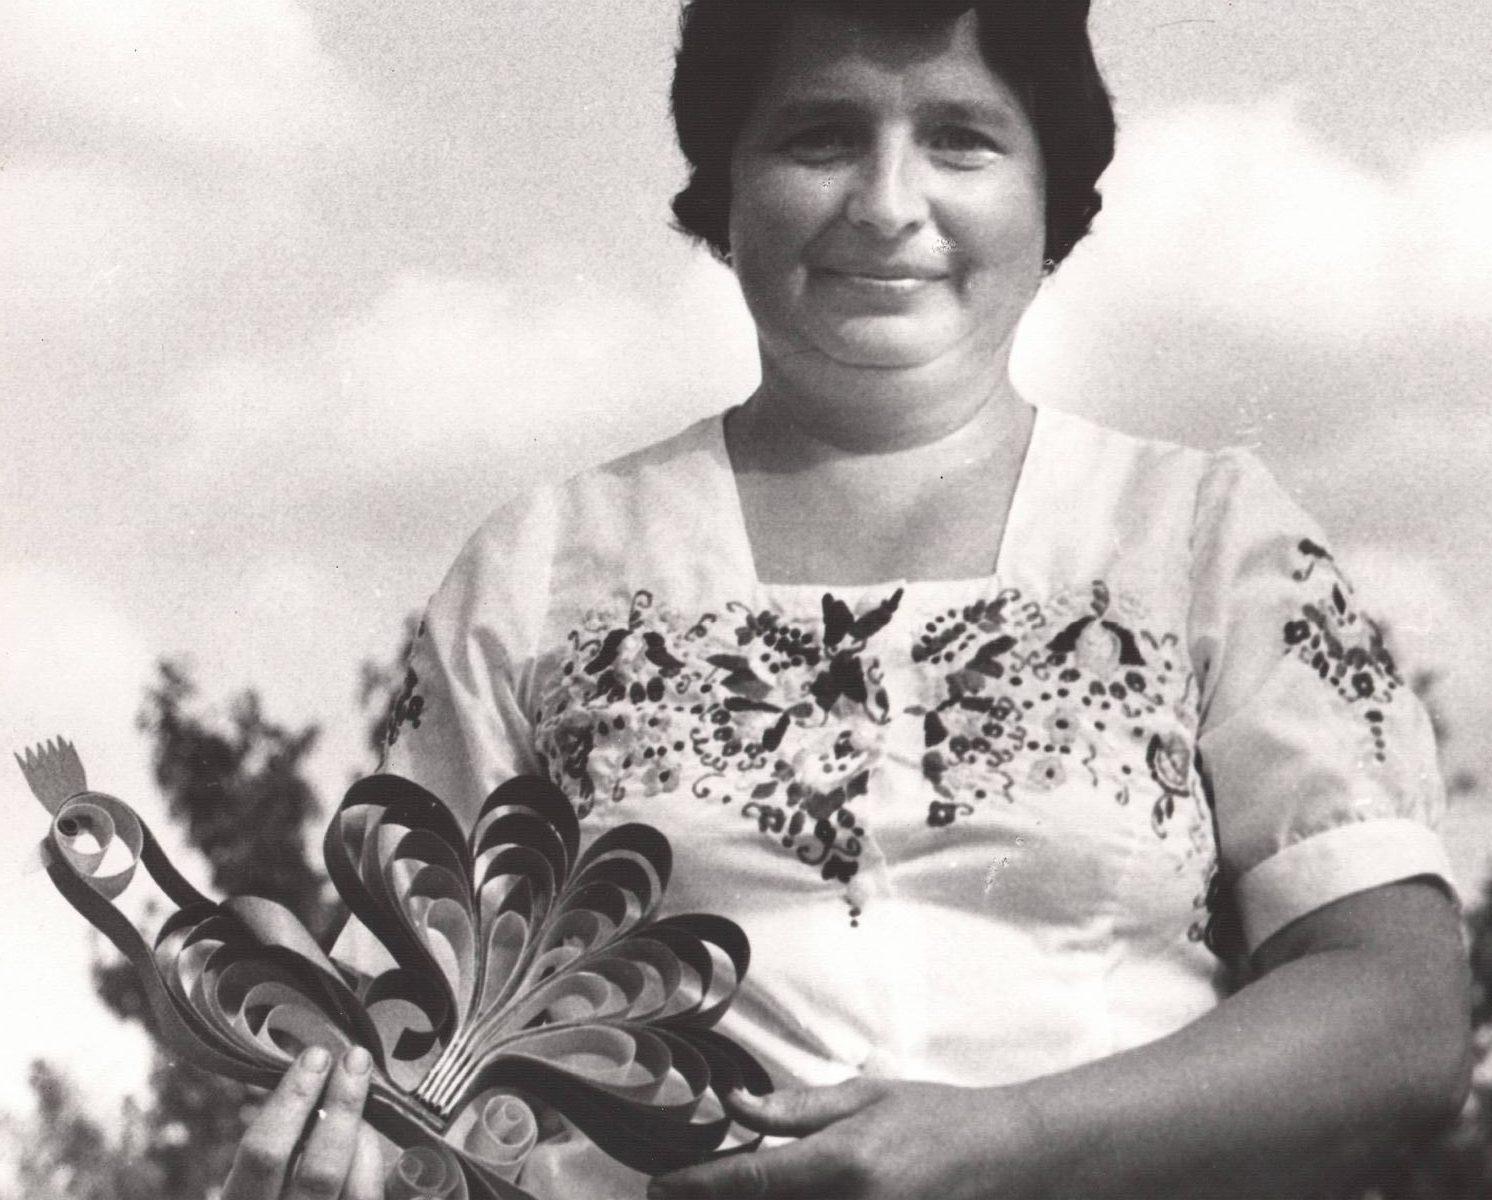 Kobieta z wiórkowym kogutem w rękach